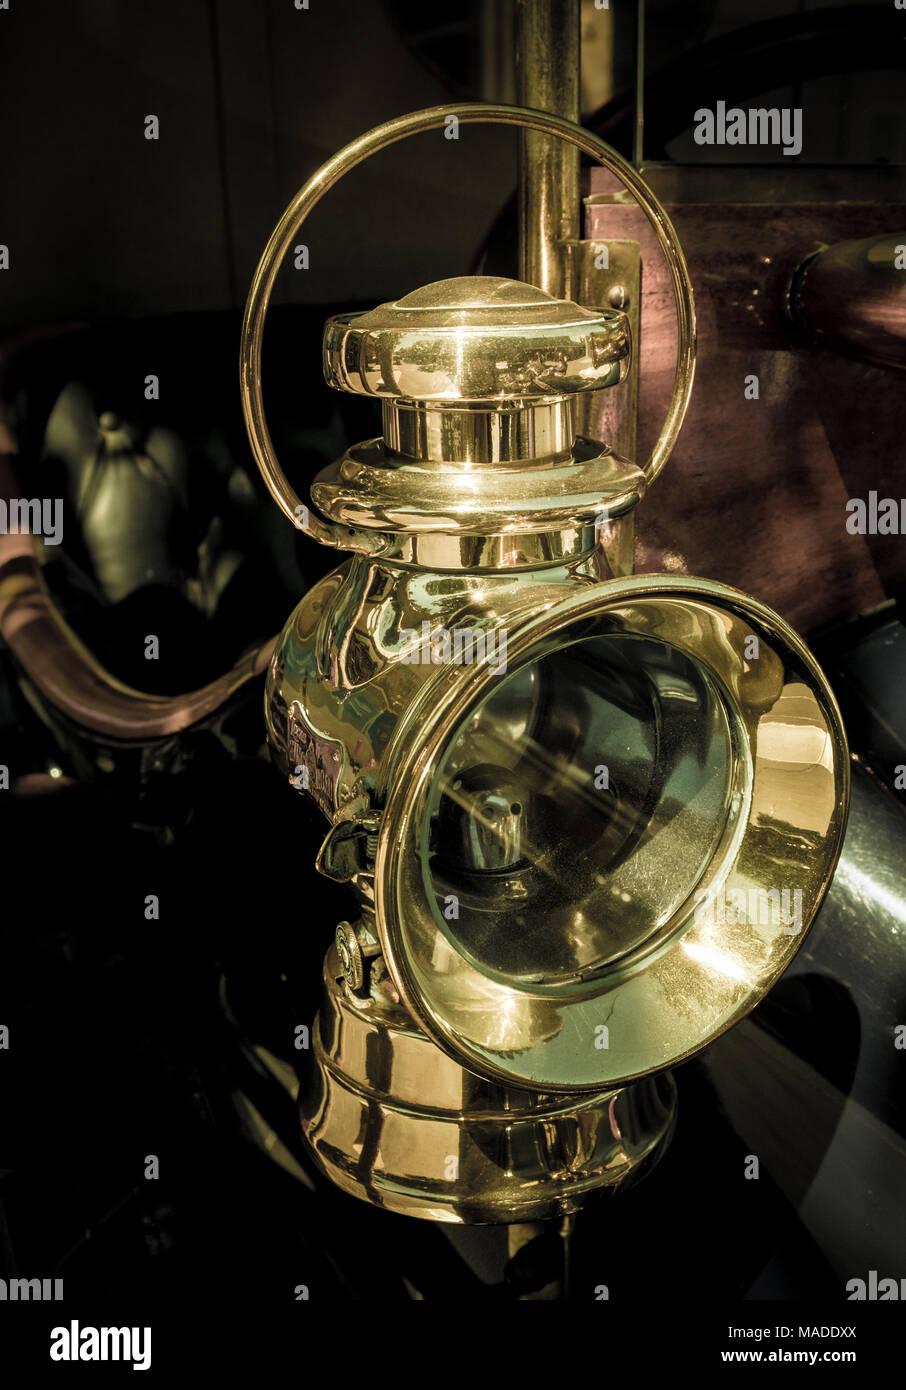 Talbot Motorcar lamp on display in Bendigo - Stock Image